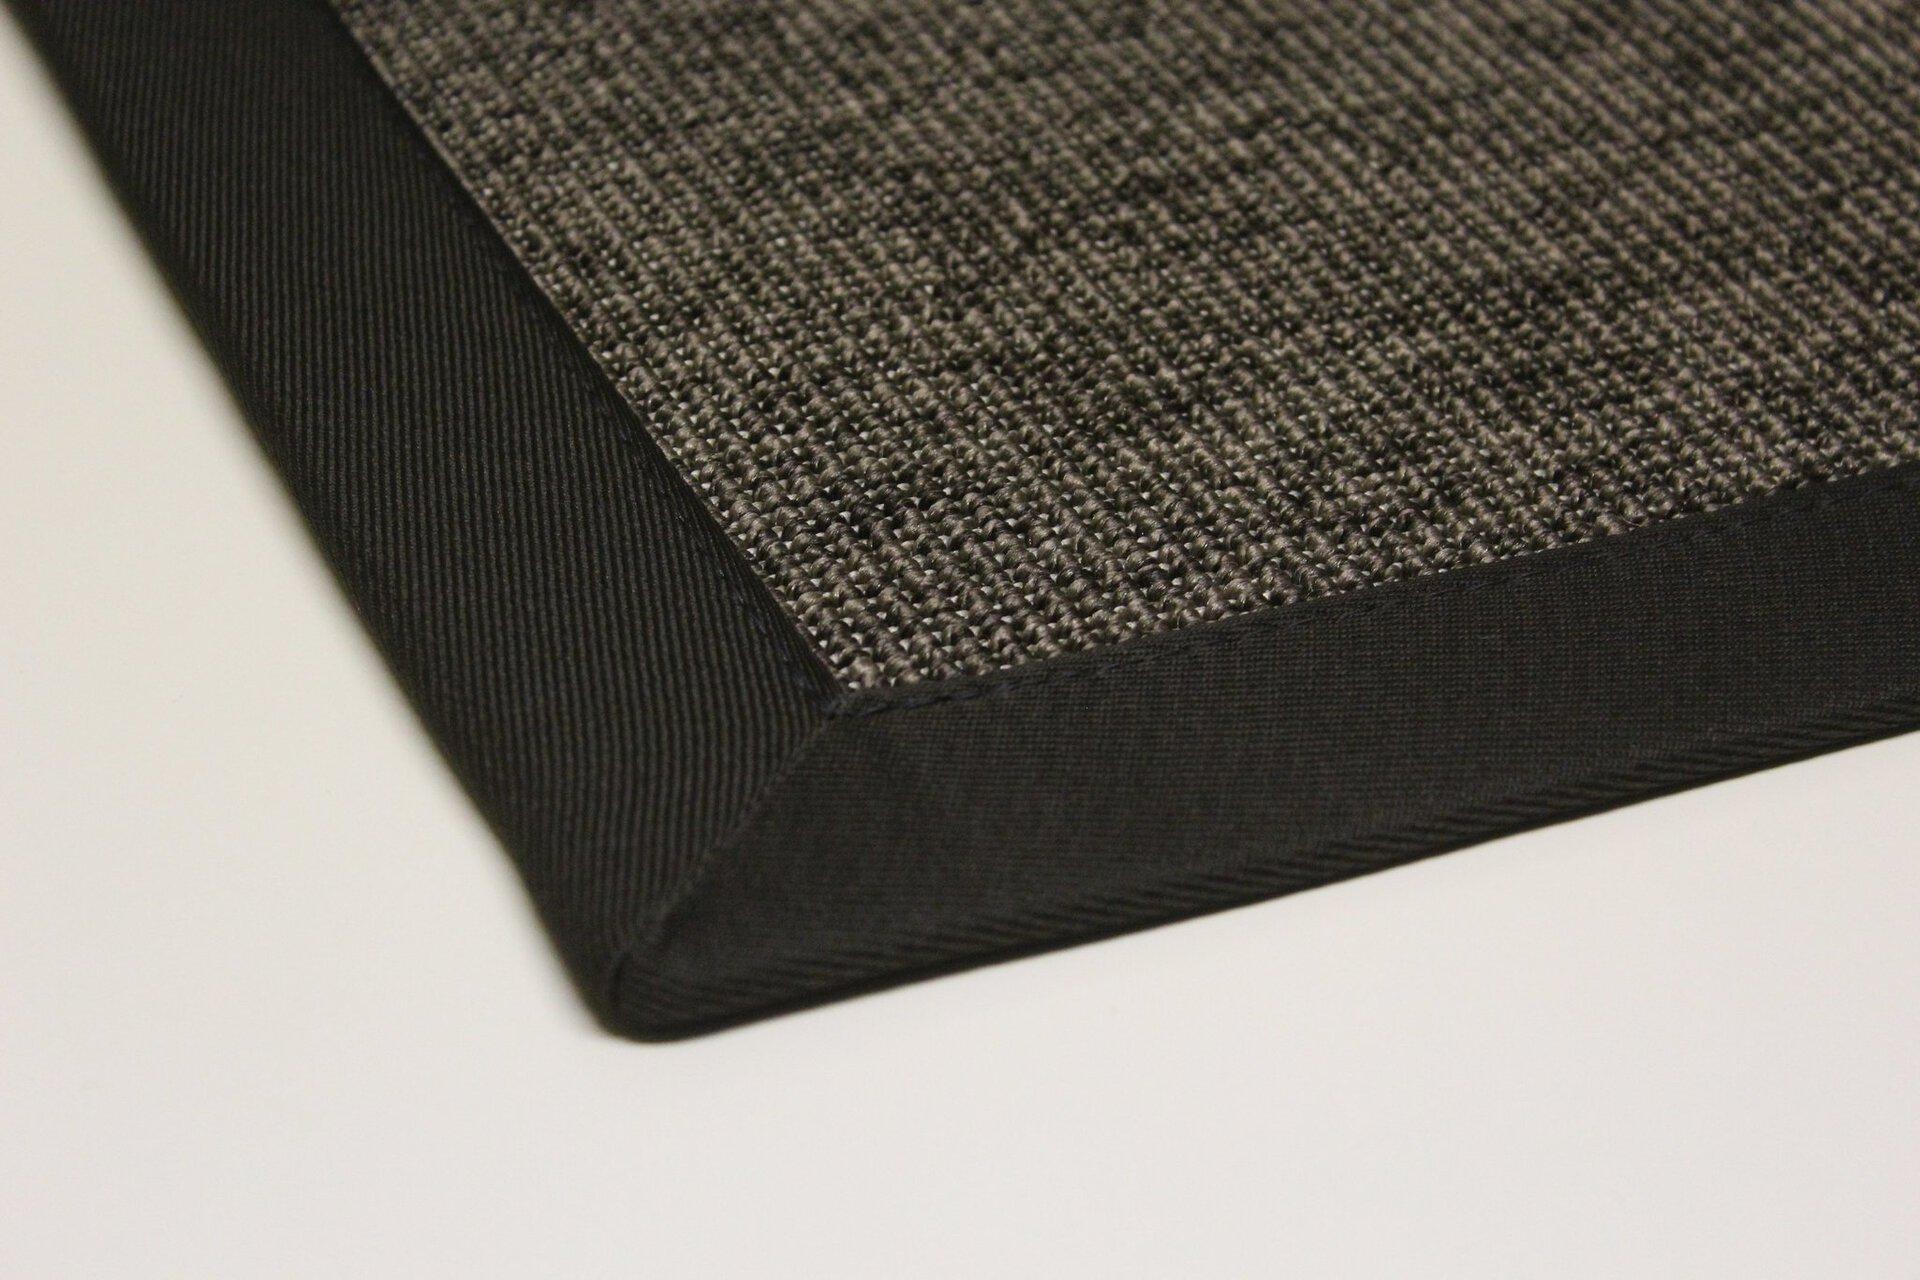 Outdoorteppich Naturino Rips DEKOWE Textil 67 x 133 cm